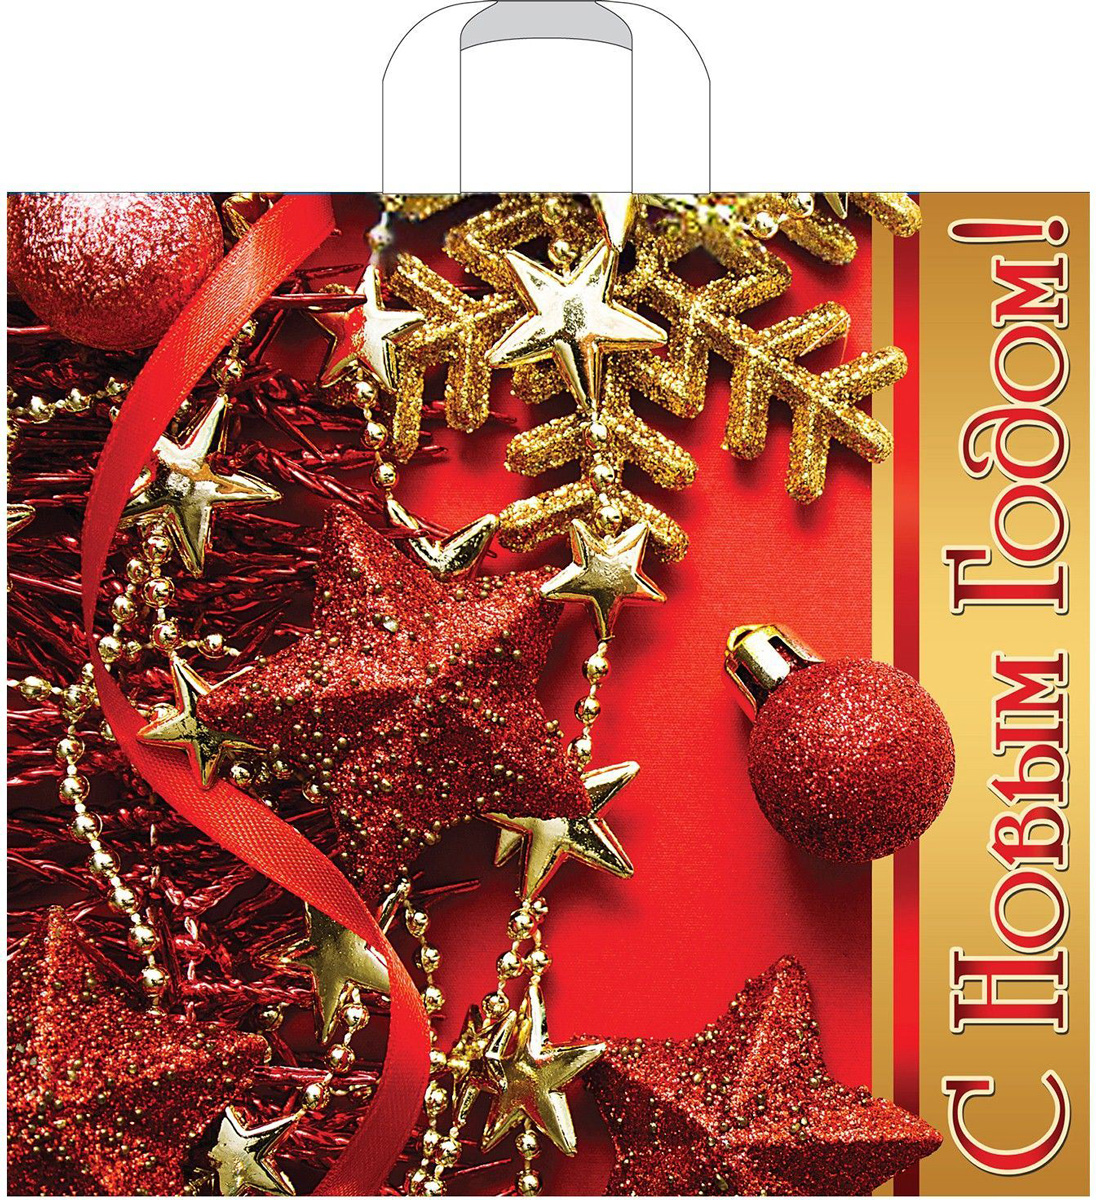 Пакет подарочный Артпласт Красный, 40 х 40 см, 100 мкм1649783Подарочный пакет, изготовленный из ПВД, станет незаменимым дополнением квыбранному подарку. Дно изделия укреплено плотным картоном, который позволяет сохранить форму пакета и исключает возможностьдеформации дна под тяжестью подарка.